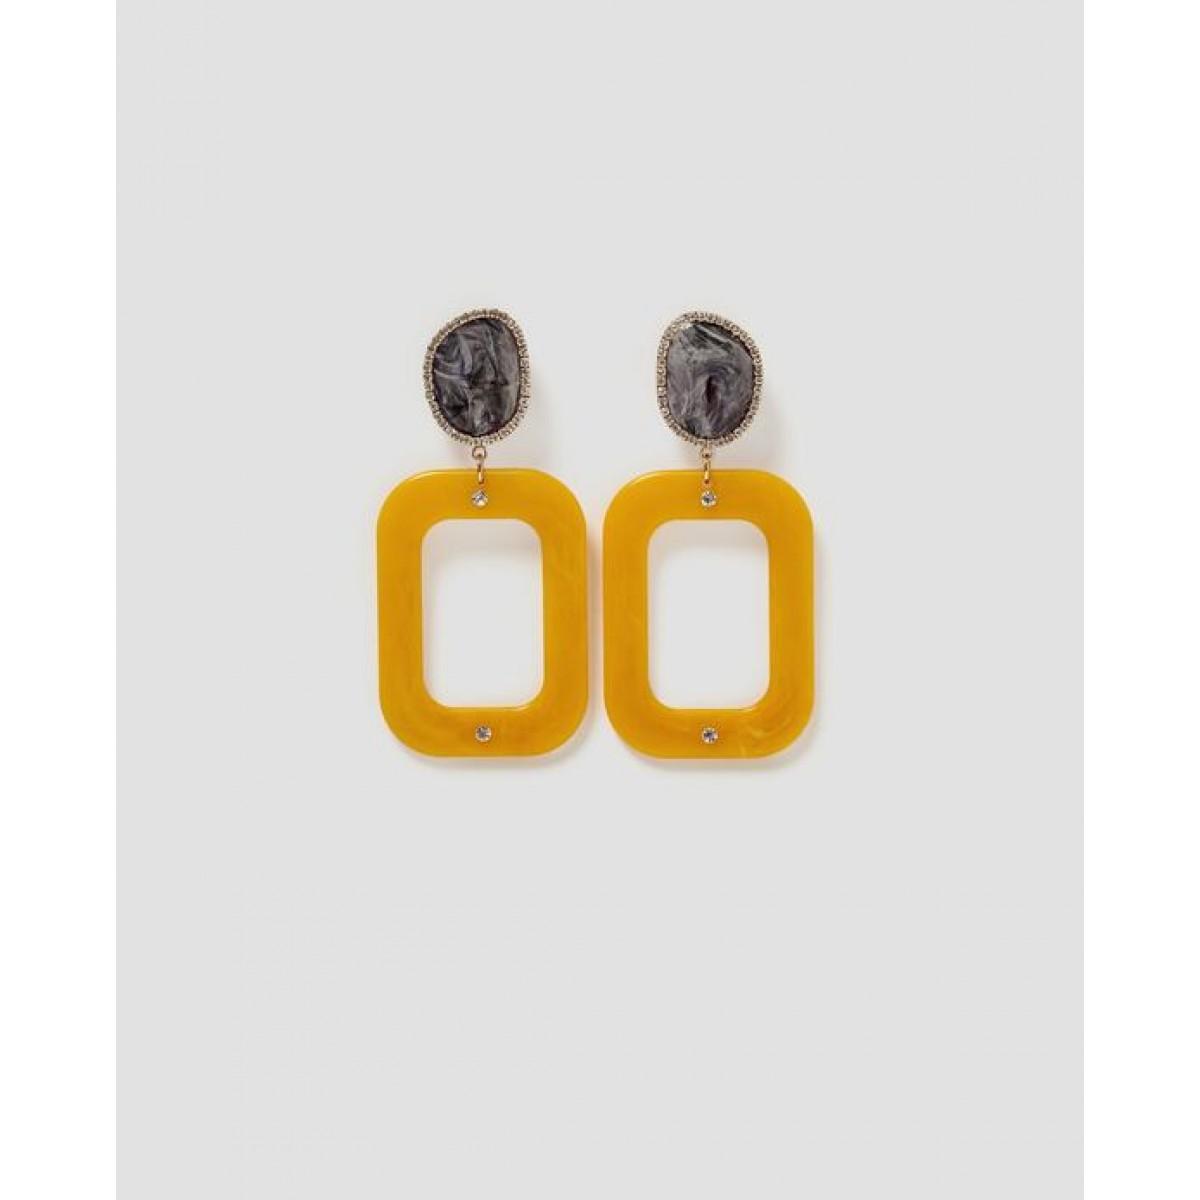 Zara Gold N Black Vintage-Style Earrings